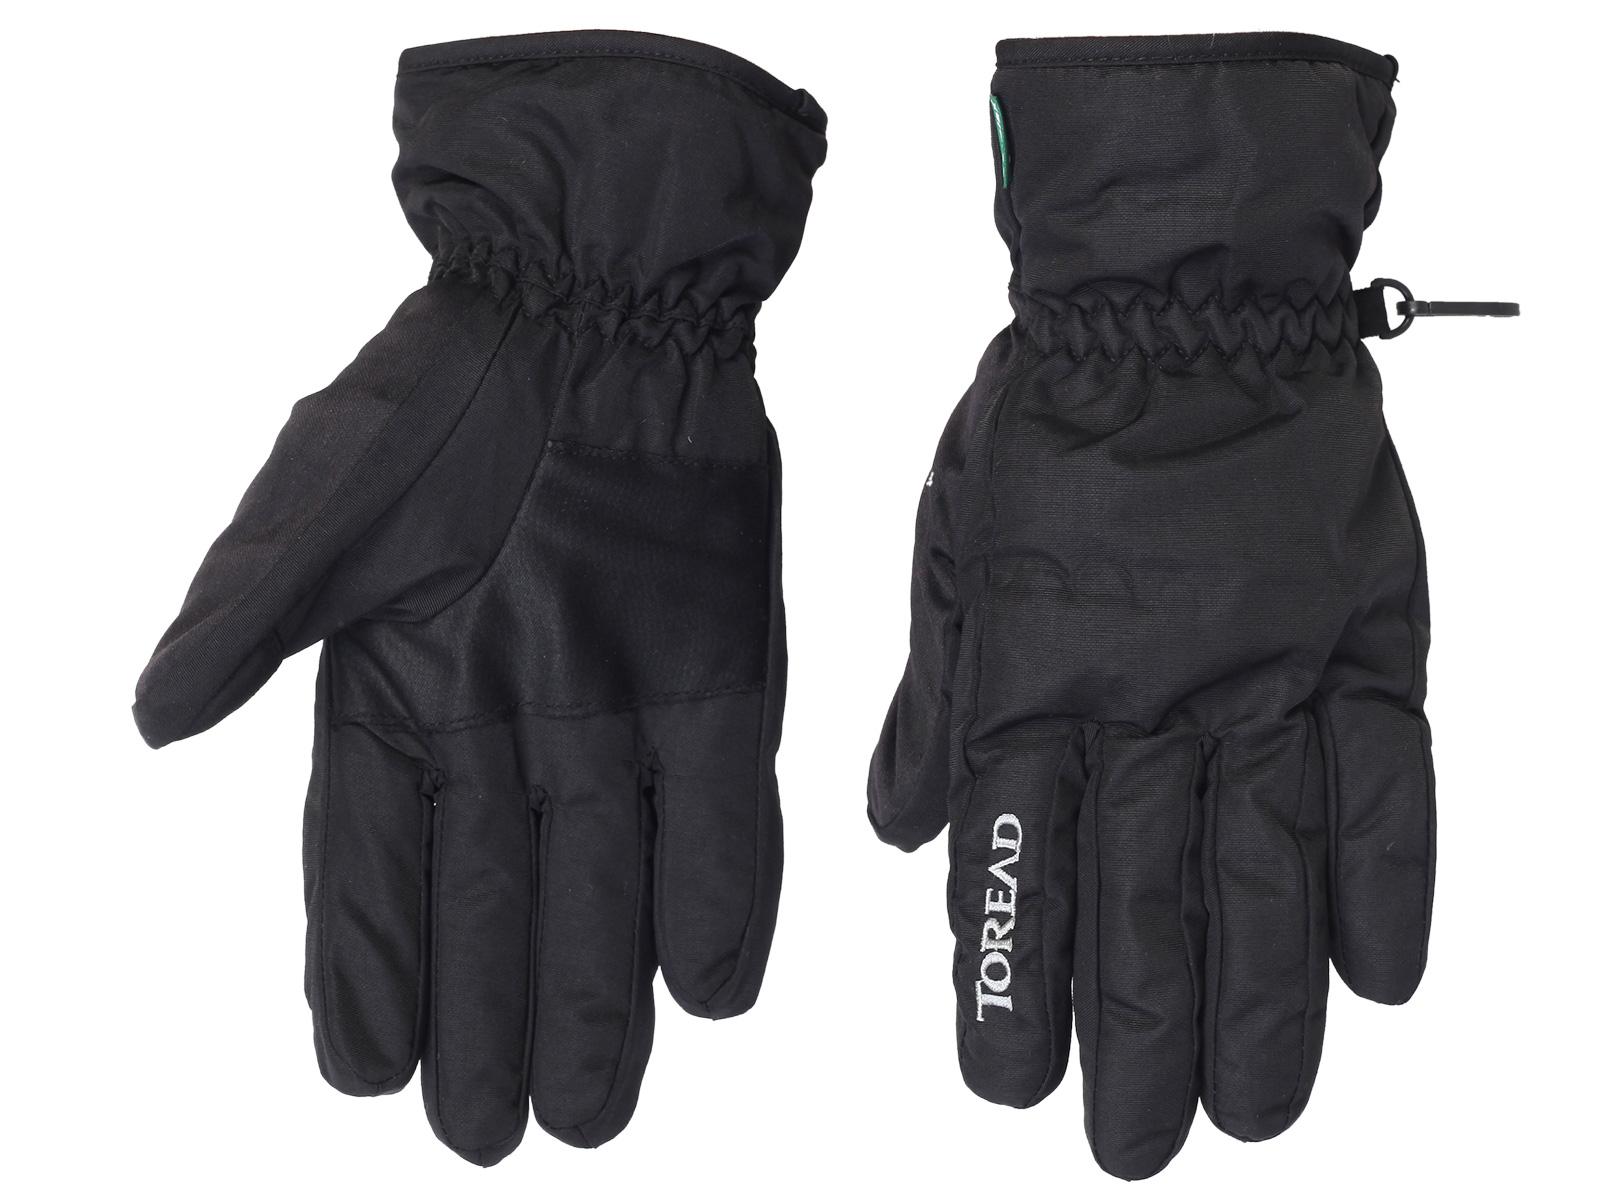 Недорогие мужские перчатки черного цвета